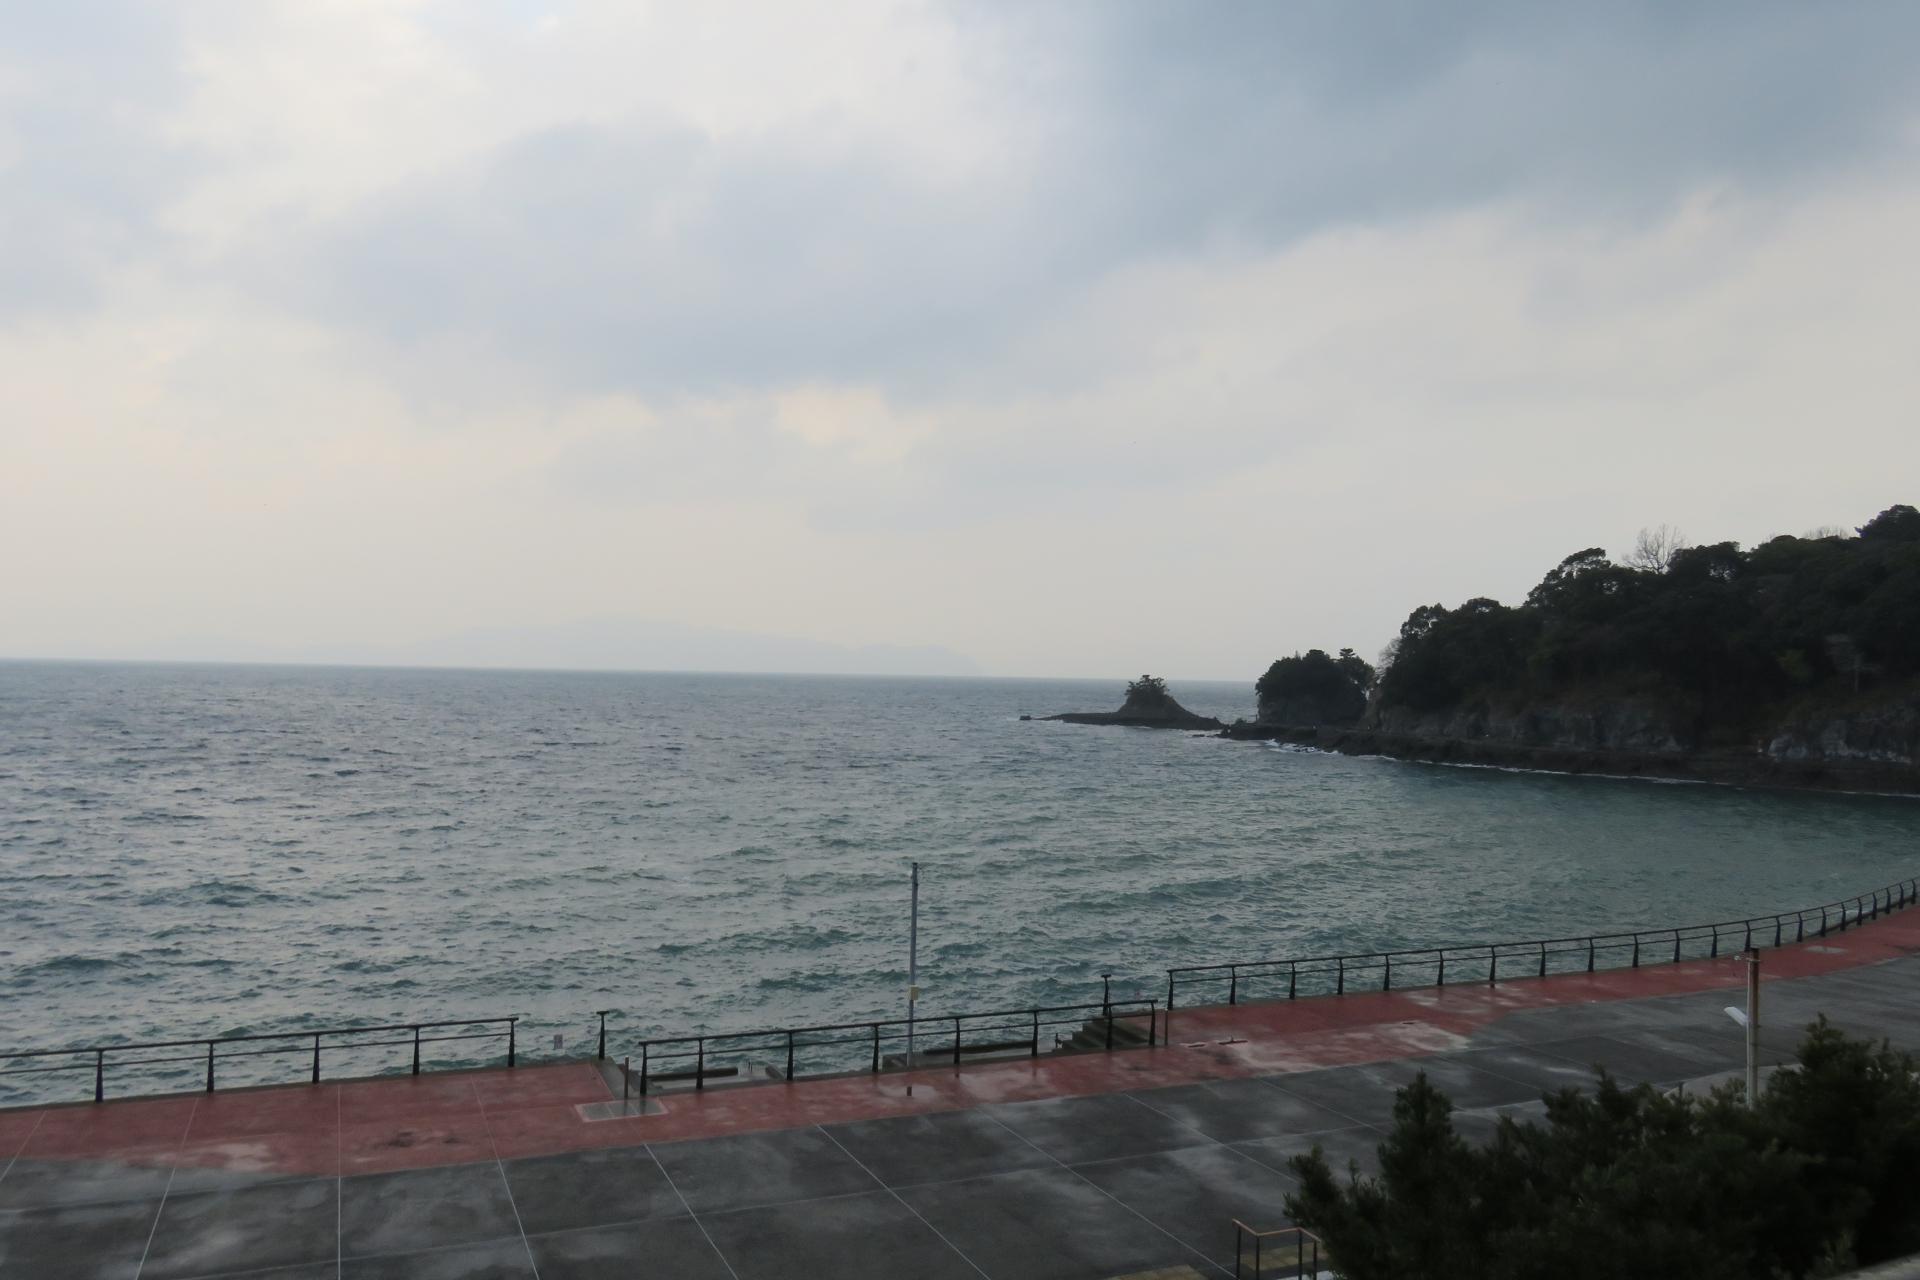 熊本県水俣市の、湯の児温泉の海岸。